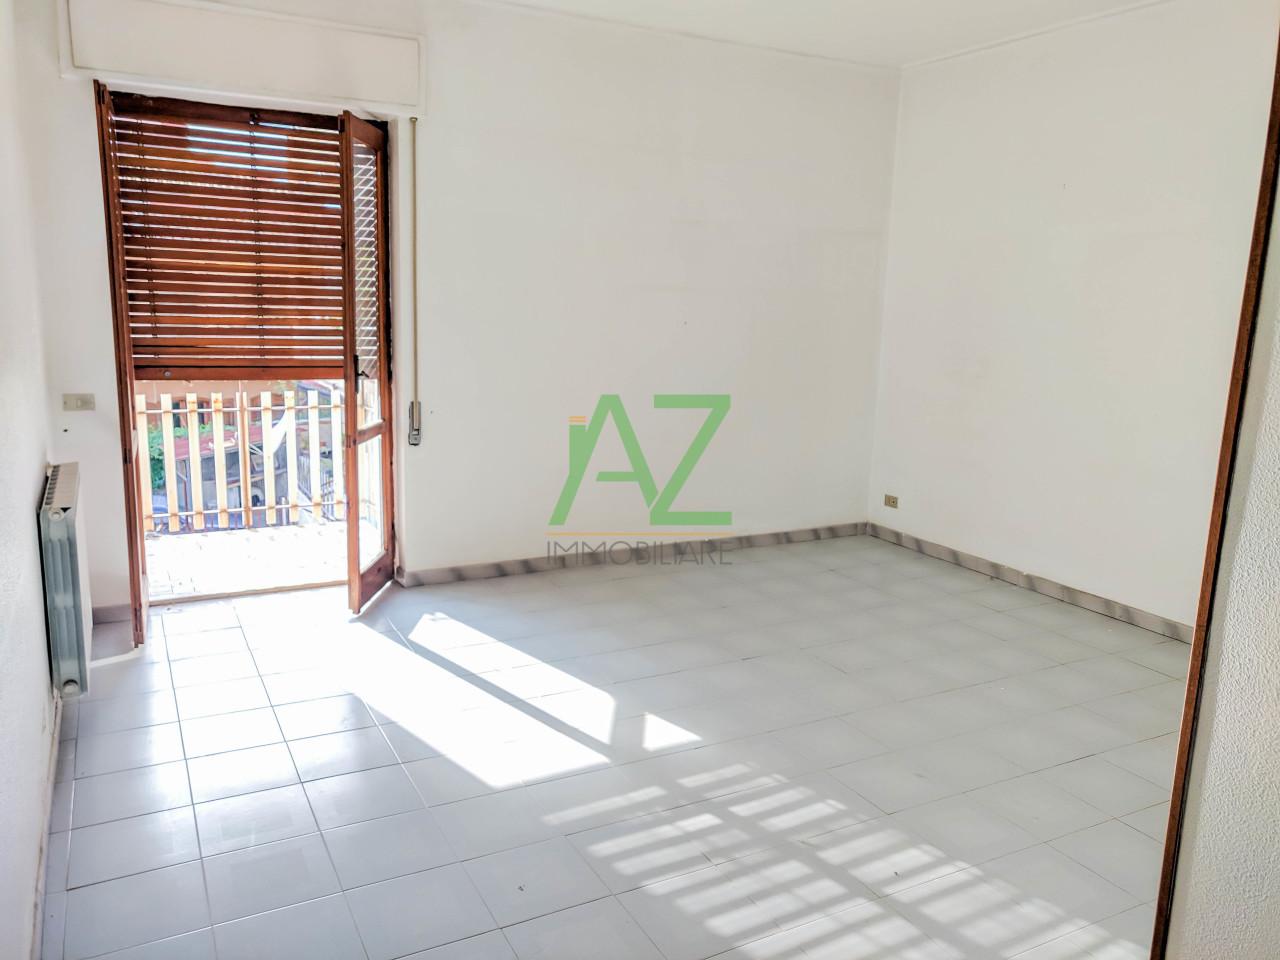 Appartamento da ristrutturare in vendita Rif. 11060061